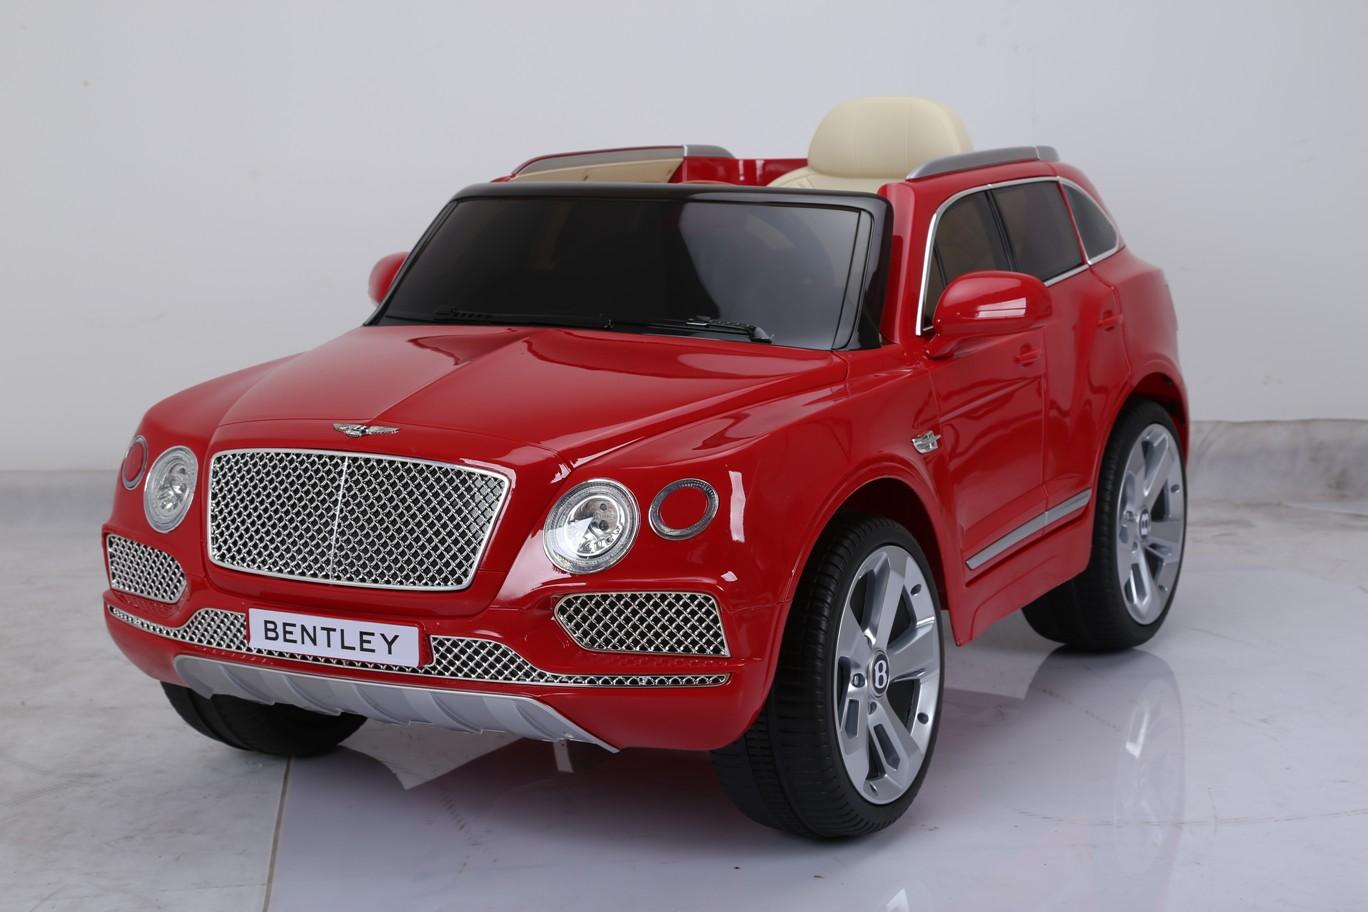 Электромобиль - Bentley Bentayga, красныйЭлектромобили, детские машины на аккумуляторе<br>Электромобиль - Bentley Bentayga, красный<br>